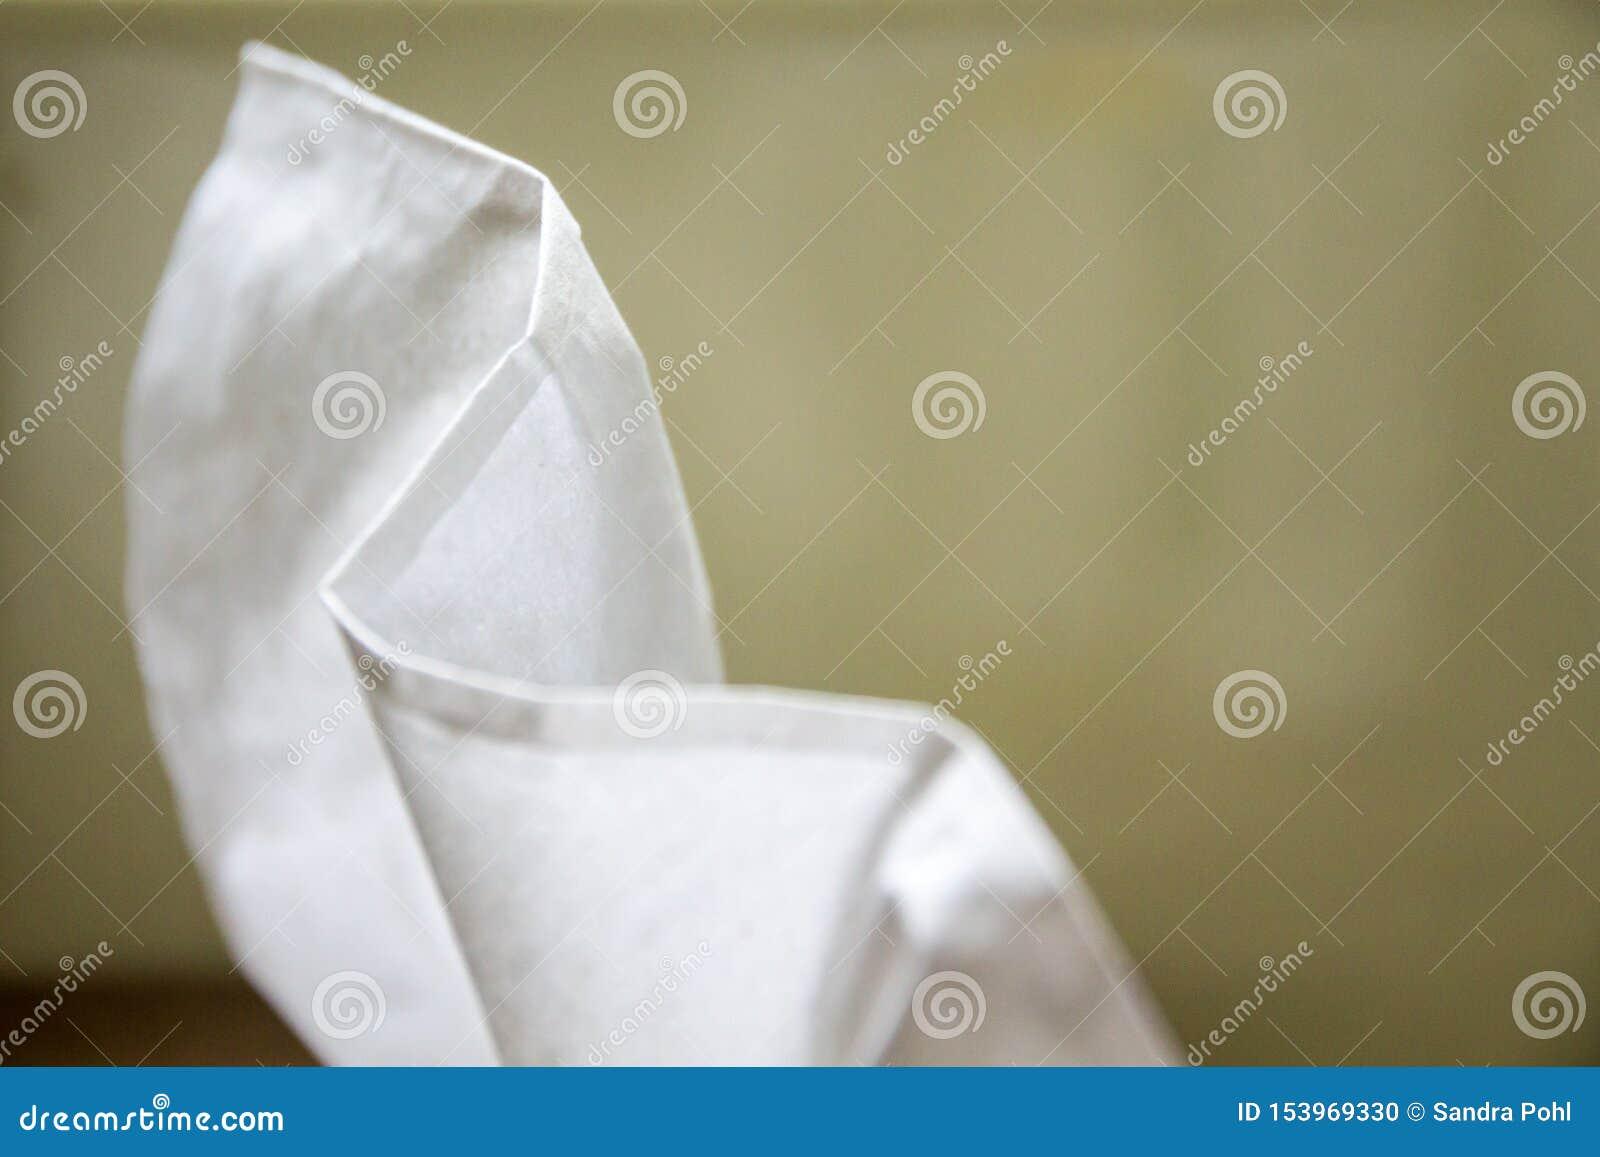 Άσπρο towelette στο πράσινο υπόβαθρο